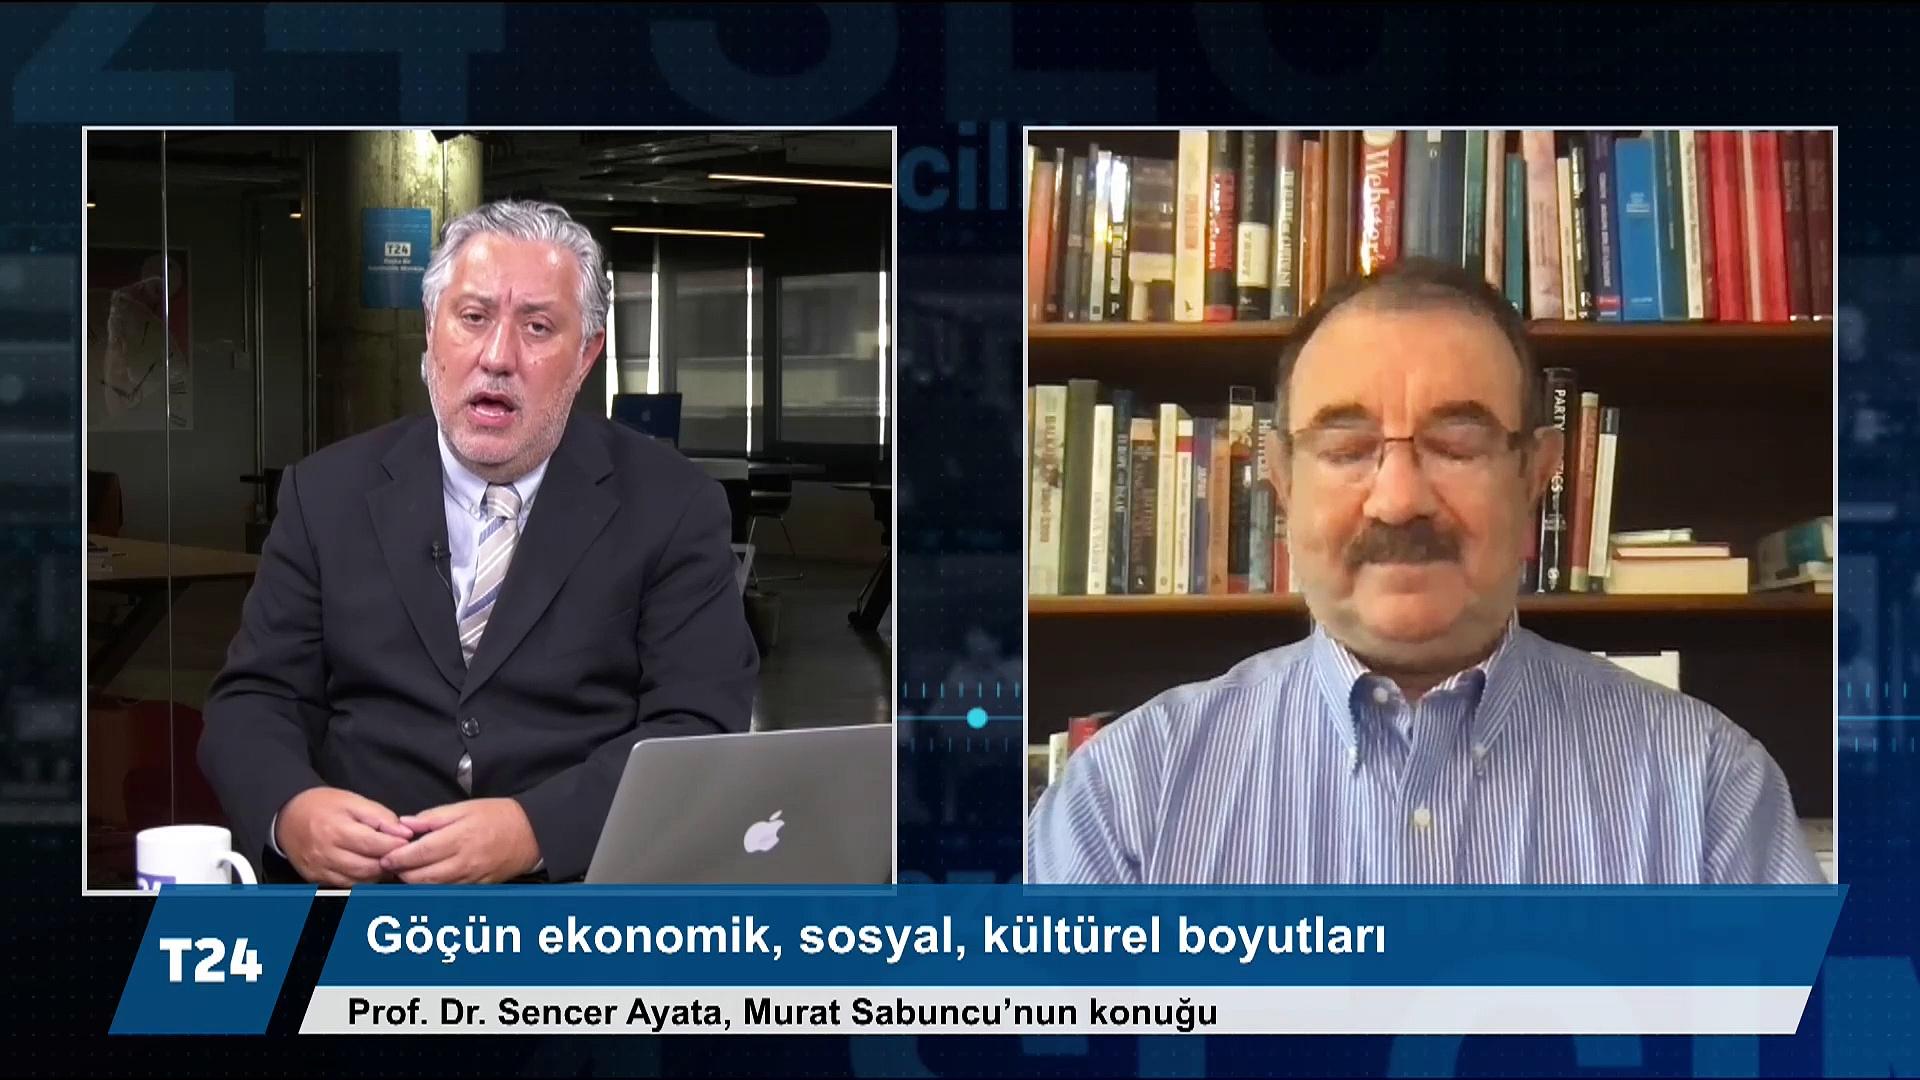 Prof. Sencer Ayata: Göçe tepkiler farklı, sorun çok boyutlu